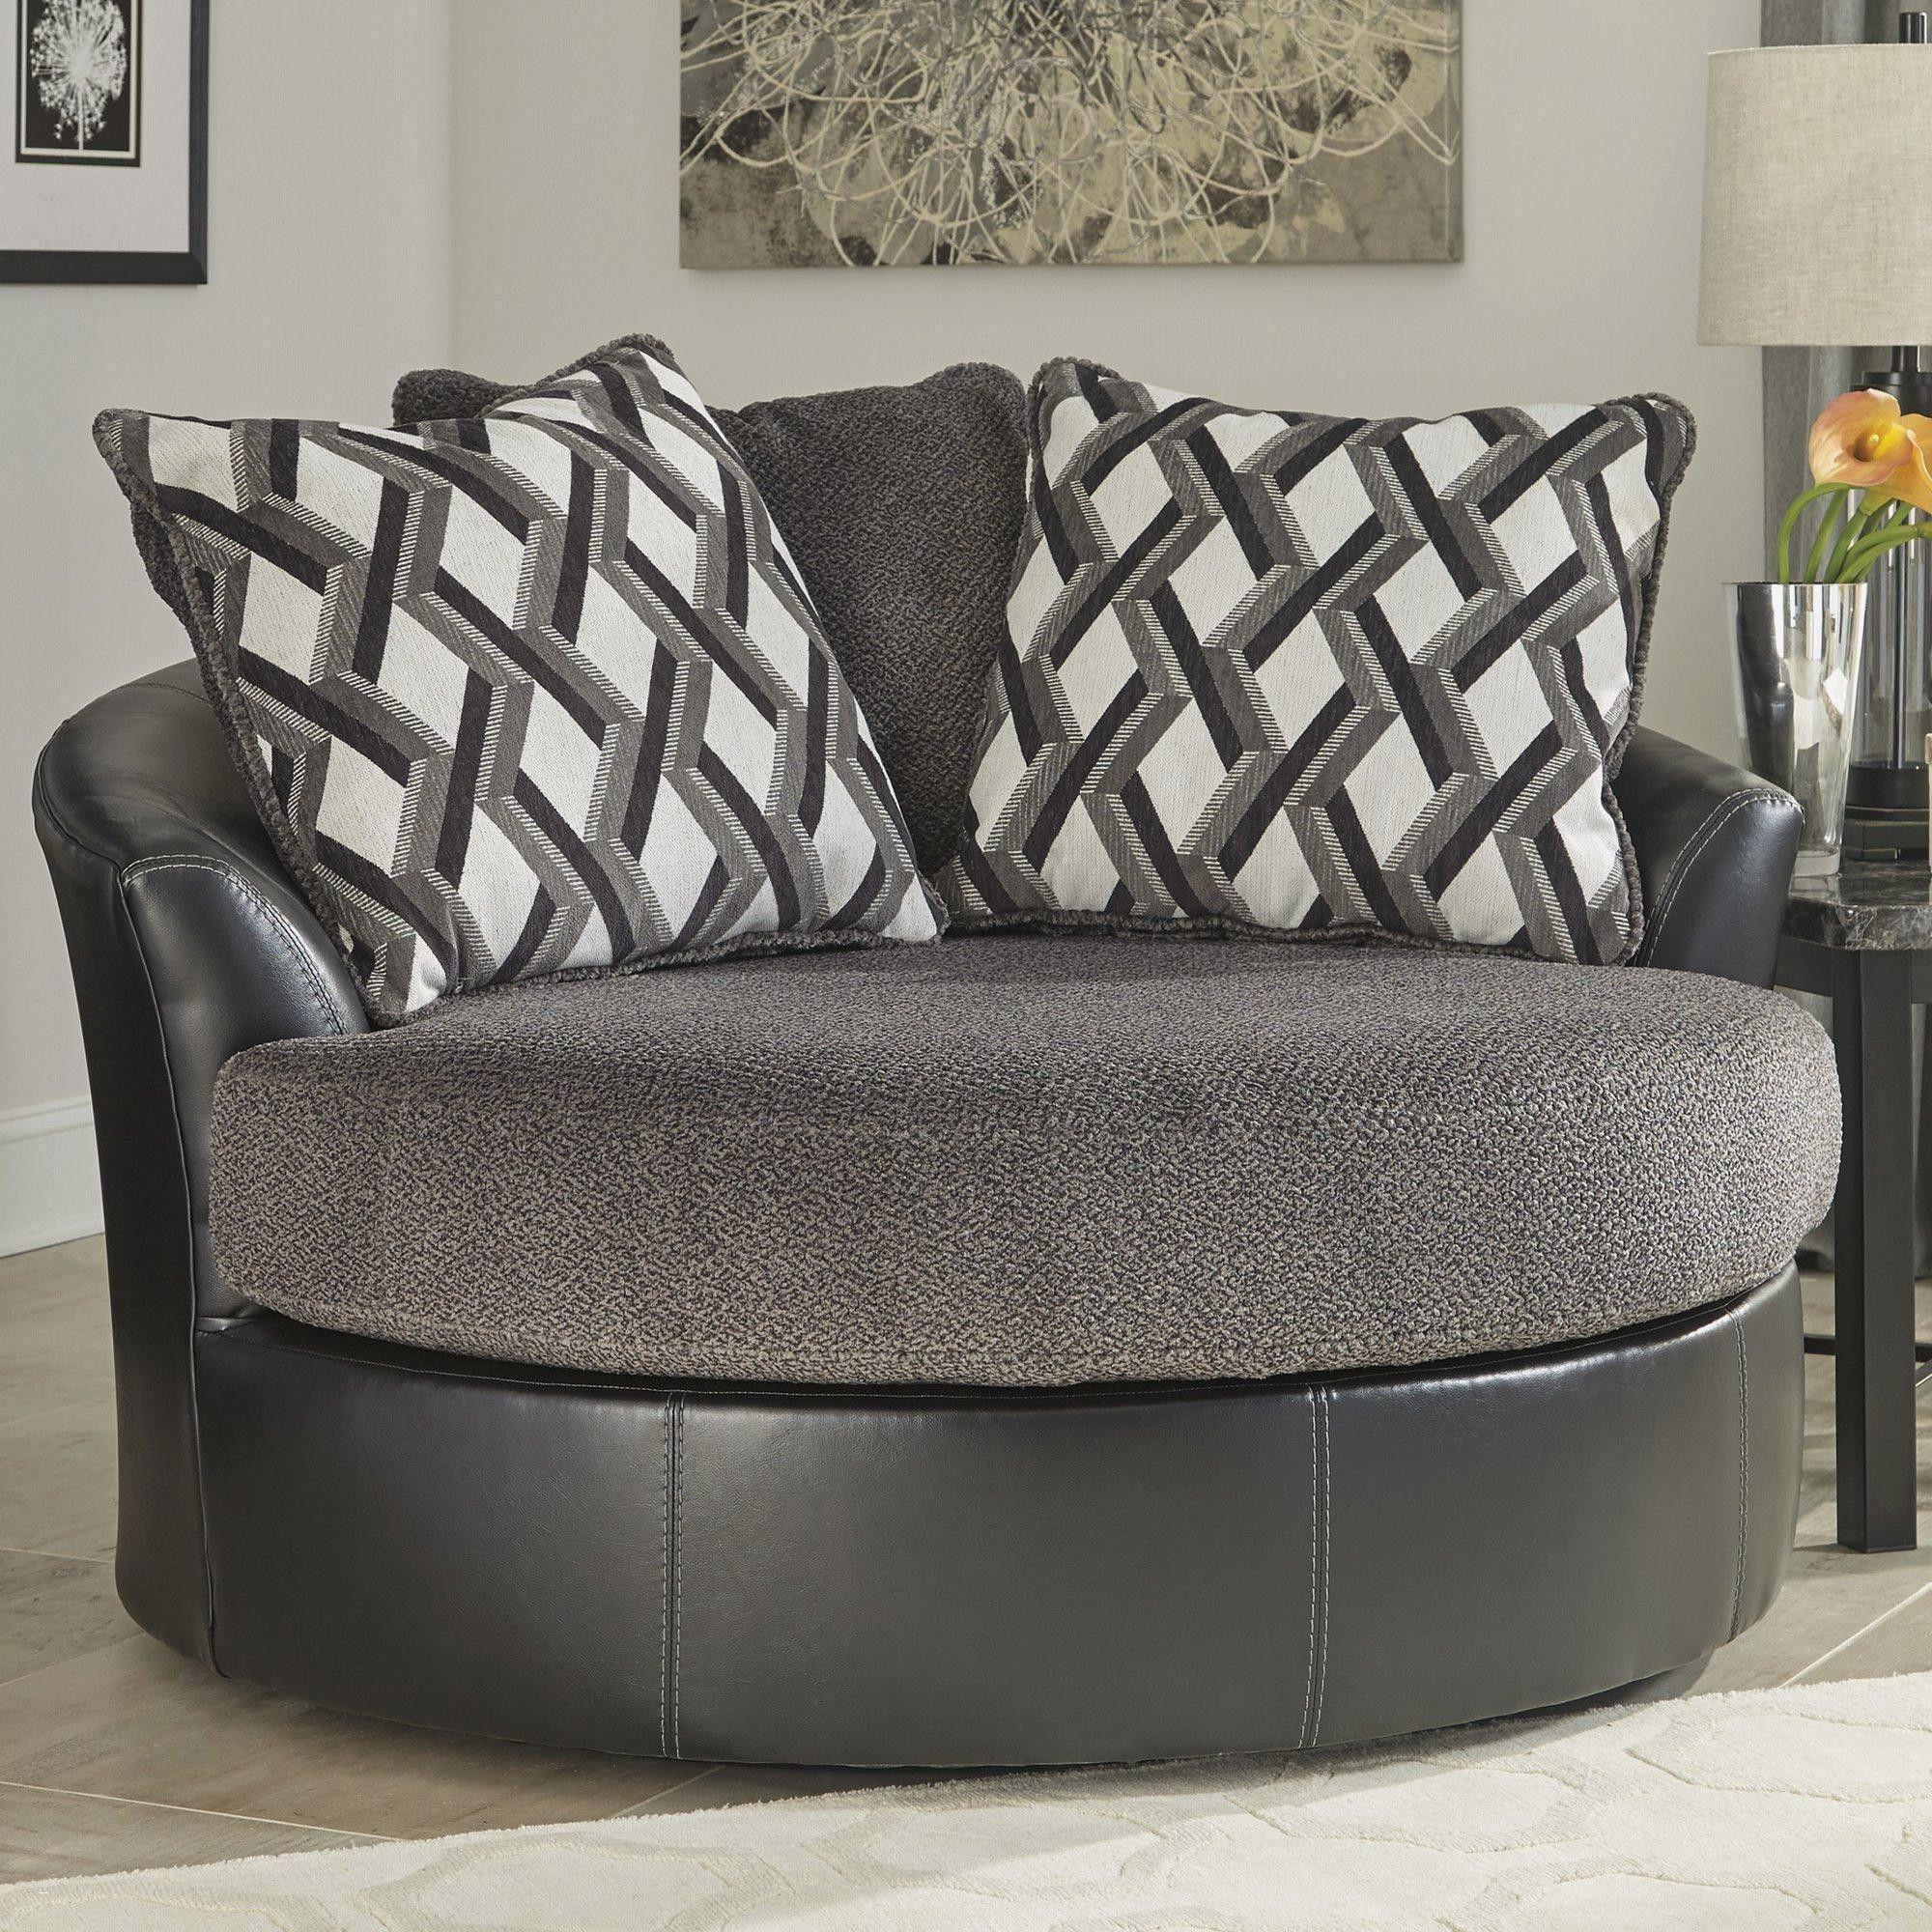 übergangs wohnzimmermöbel sofa coole stühle zum verkauf oft übersehen beim grübeln über wohnzimmer möbelideen